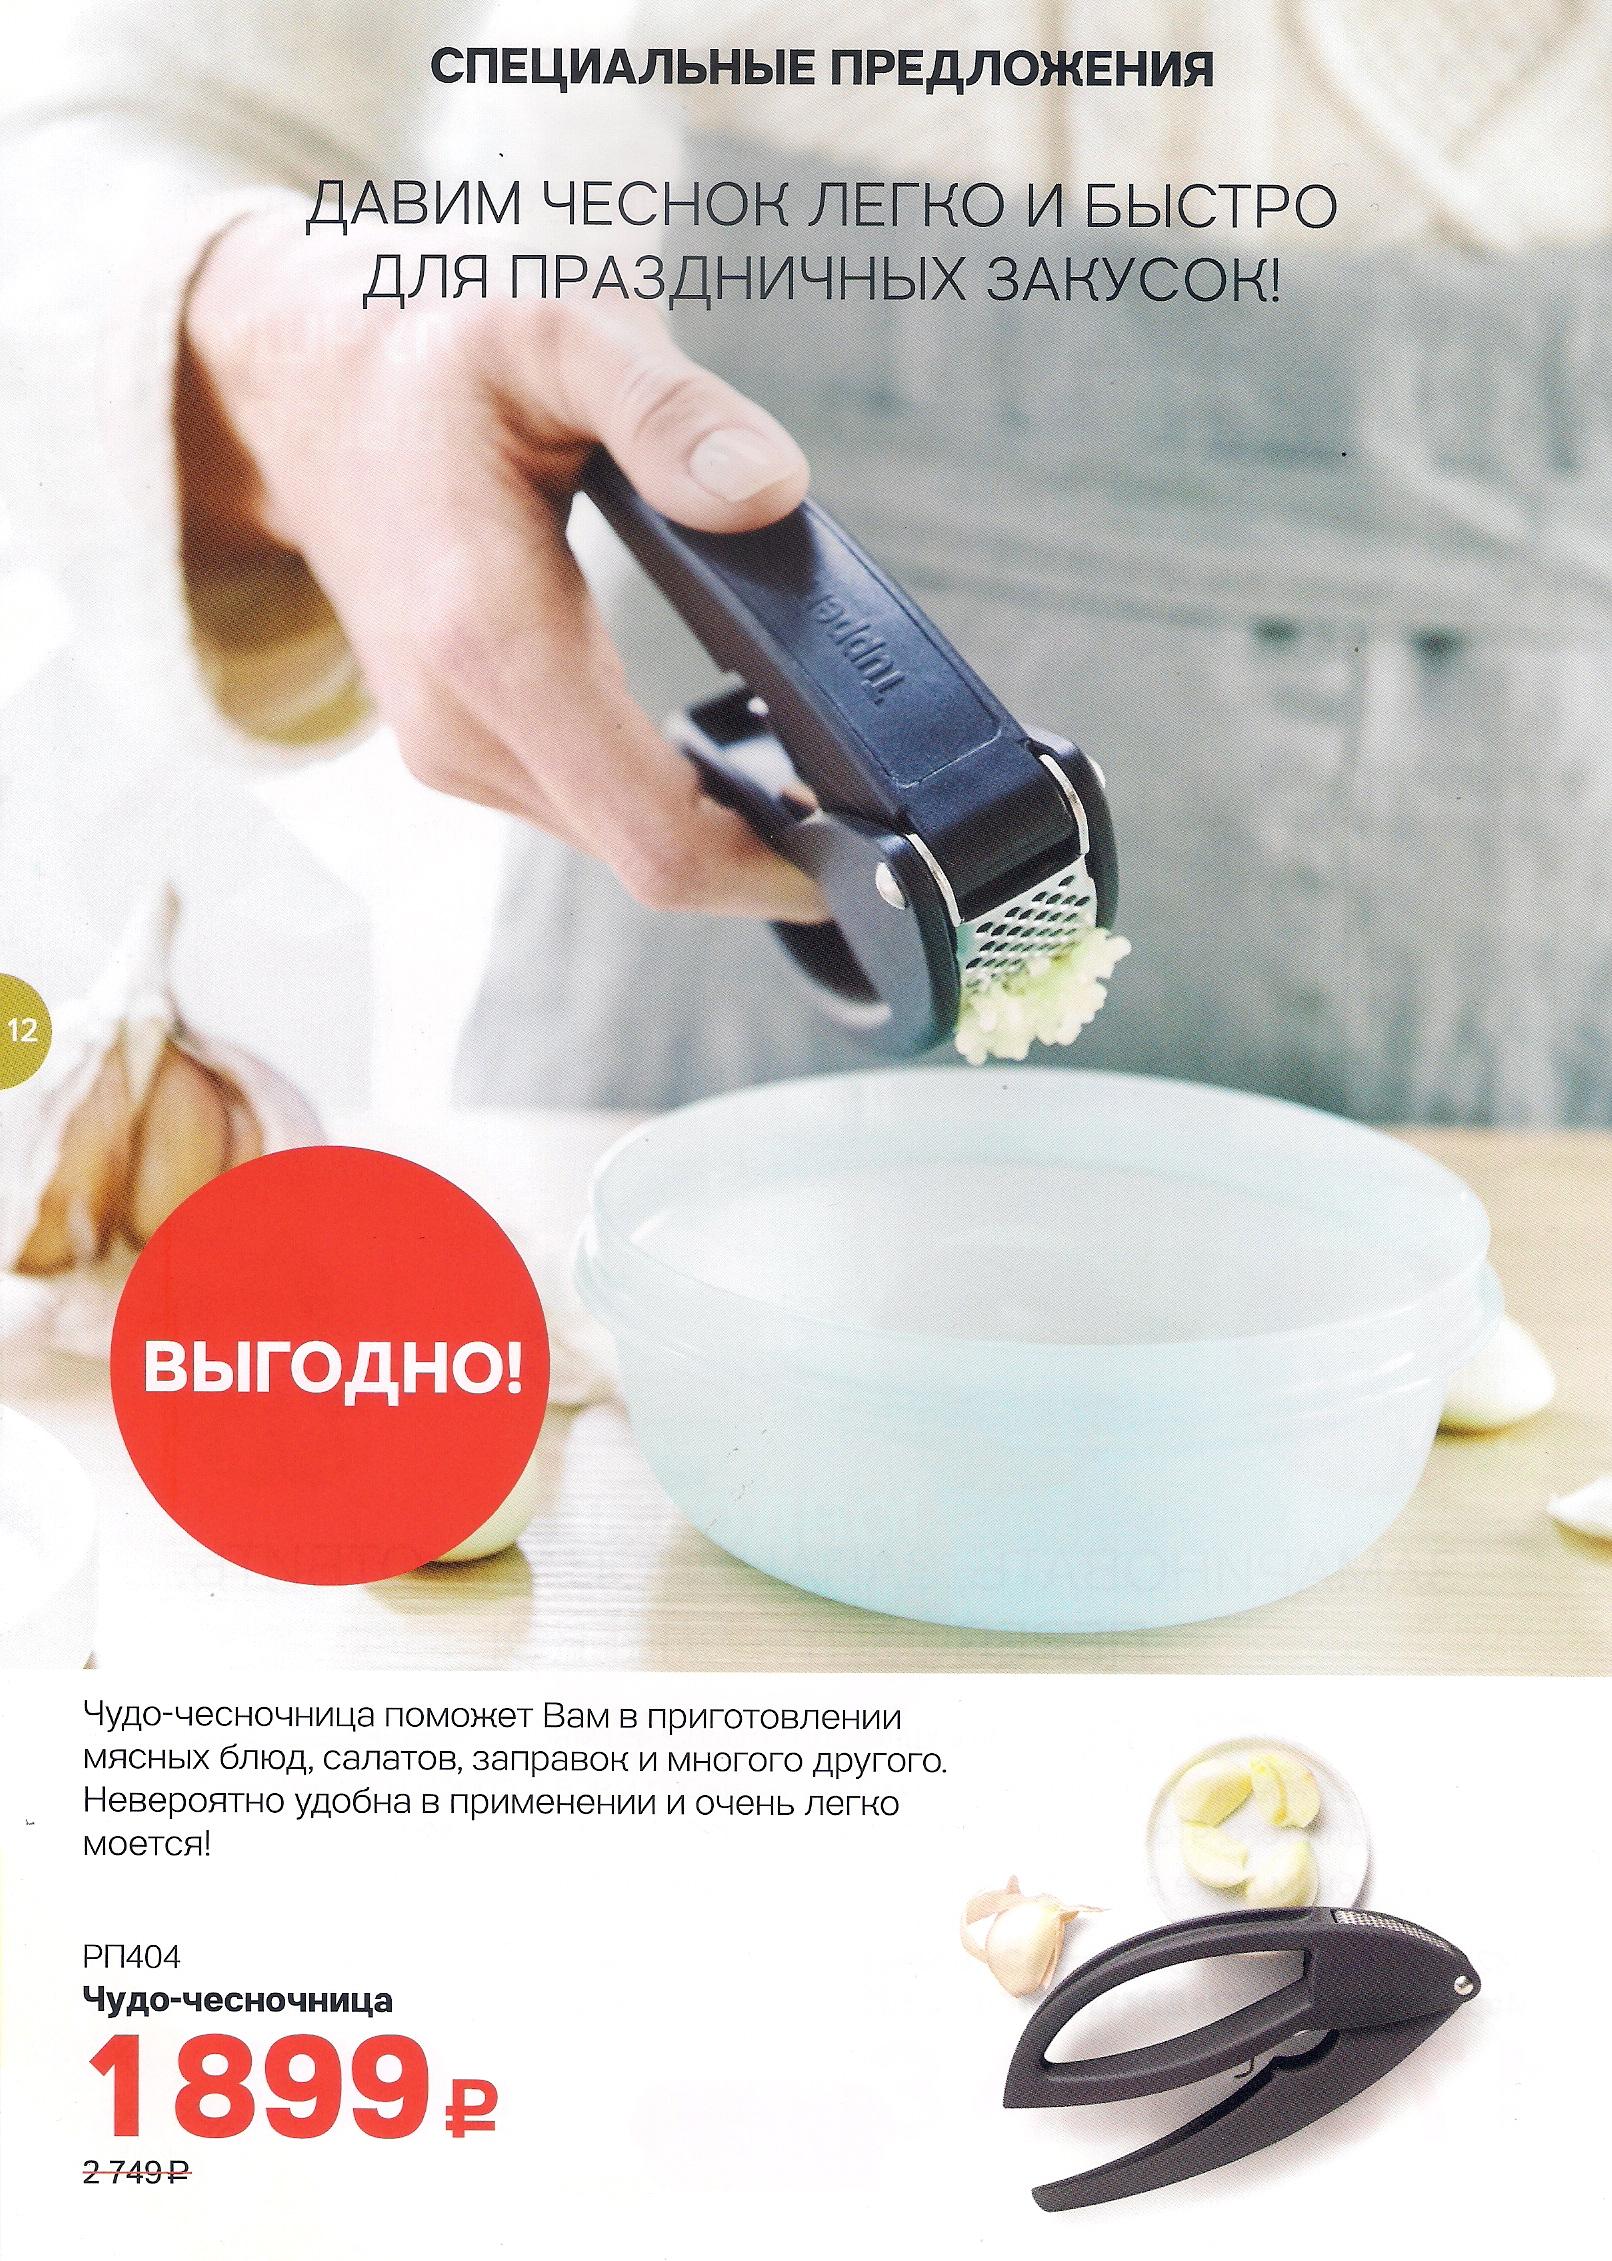 https://tupperware-online.ru/images/upload/11p.jpg